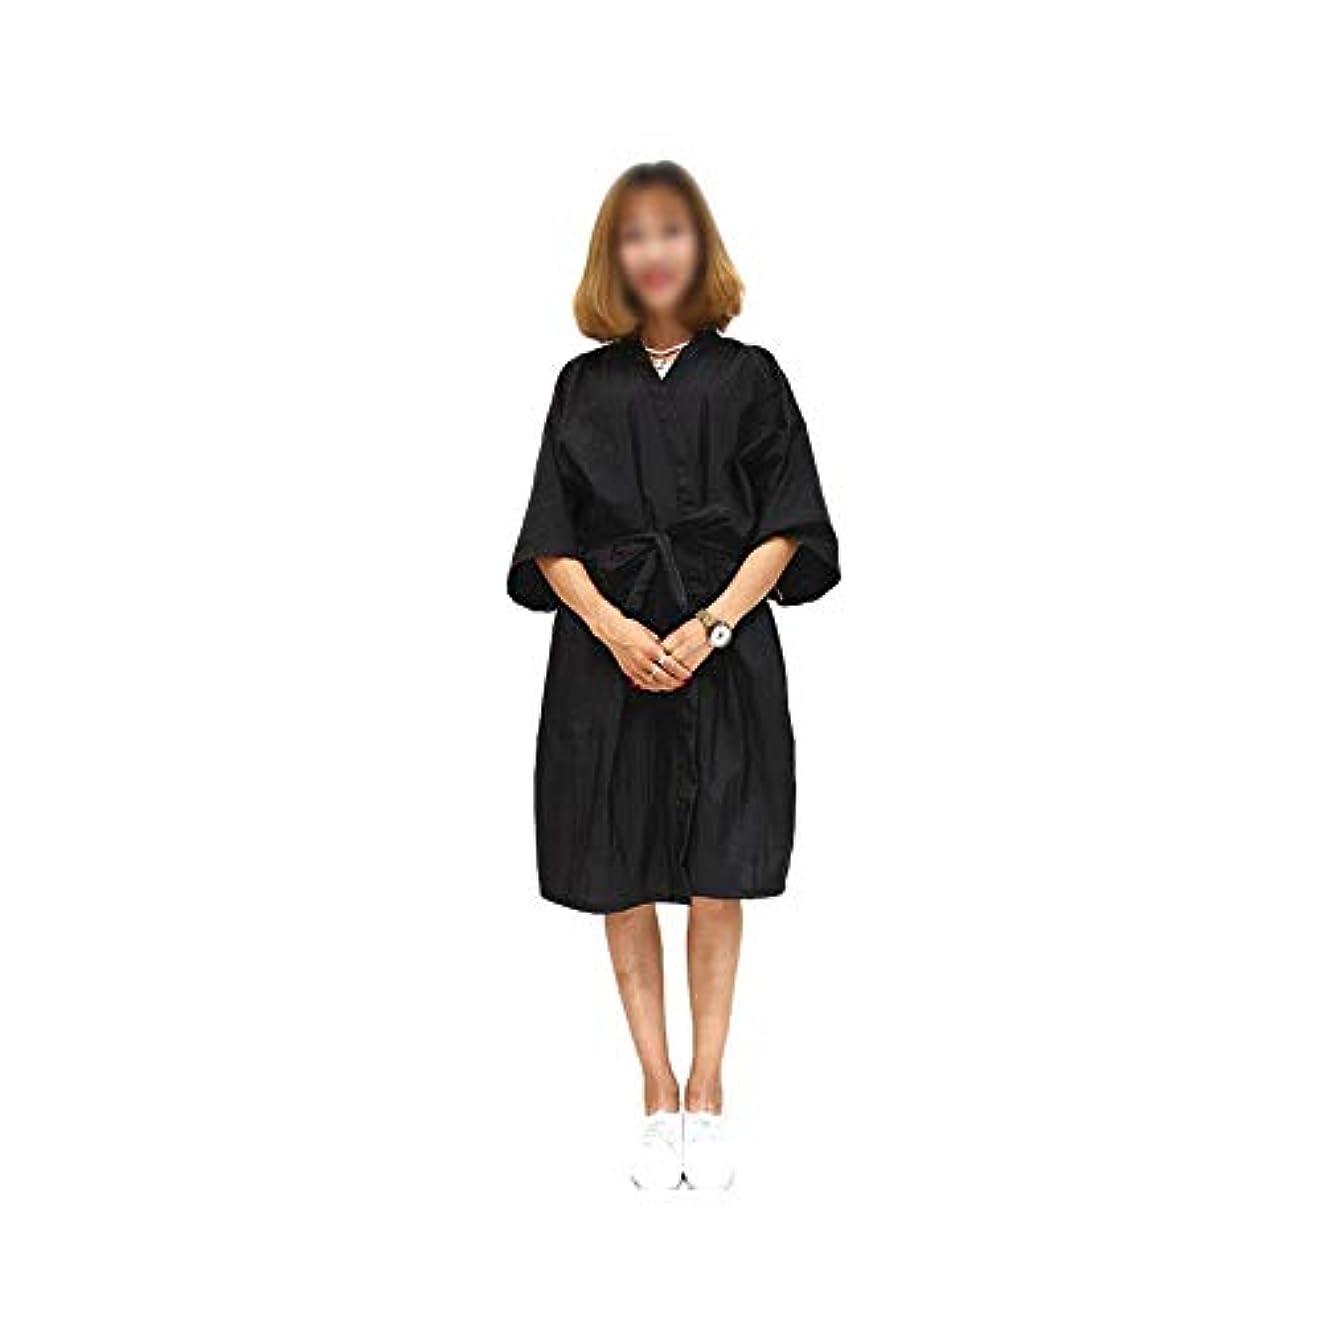 素晴らしいですリマ製品Lucy Day サロンヘアカットガウンバーバーケープクロスビューティースパ衣類ヘアスタイリングケープナイロンヘアカット (色 : 黒)